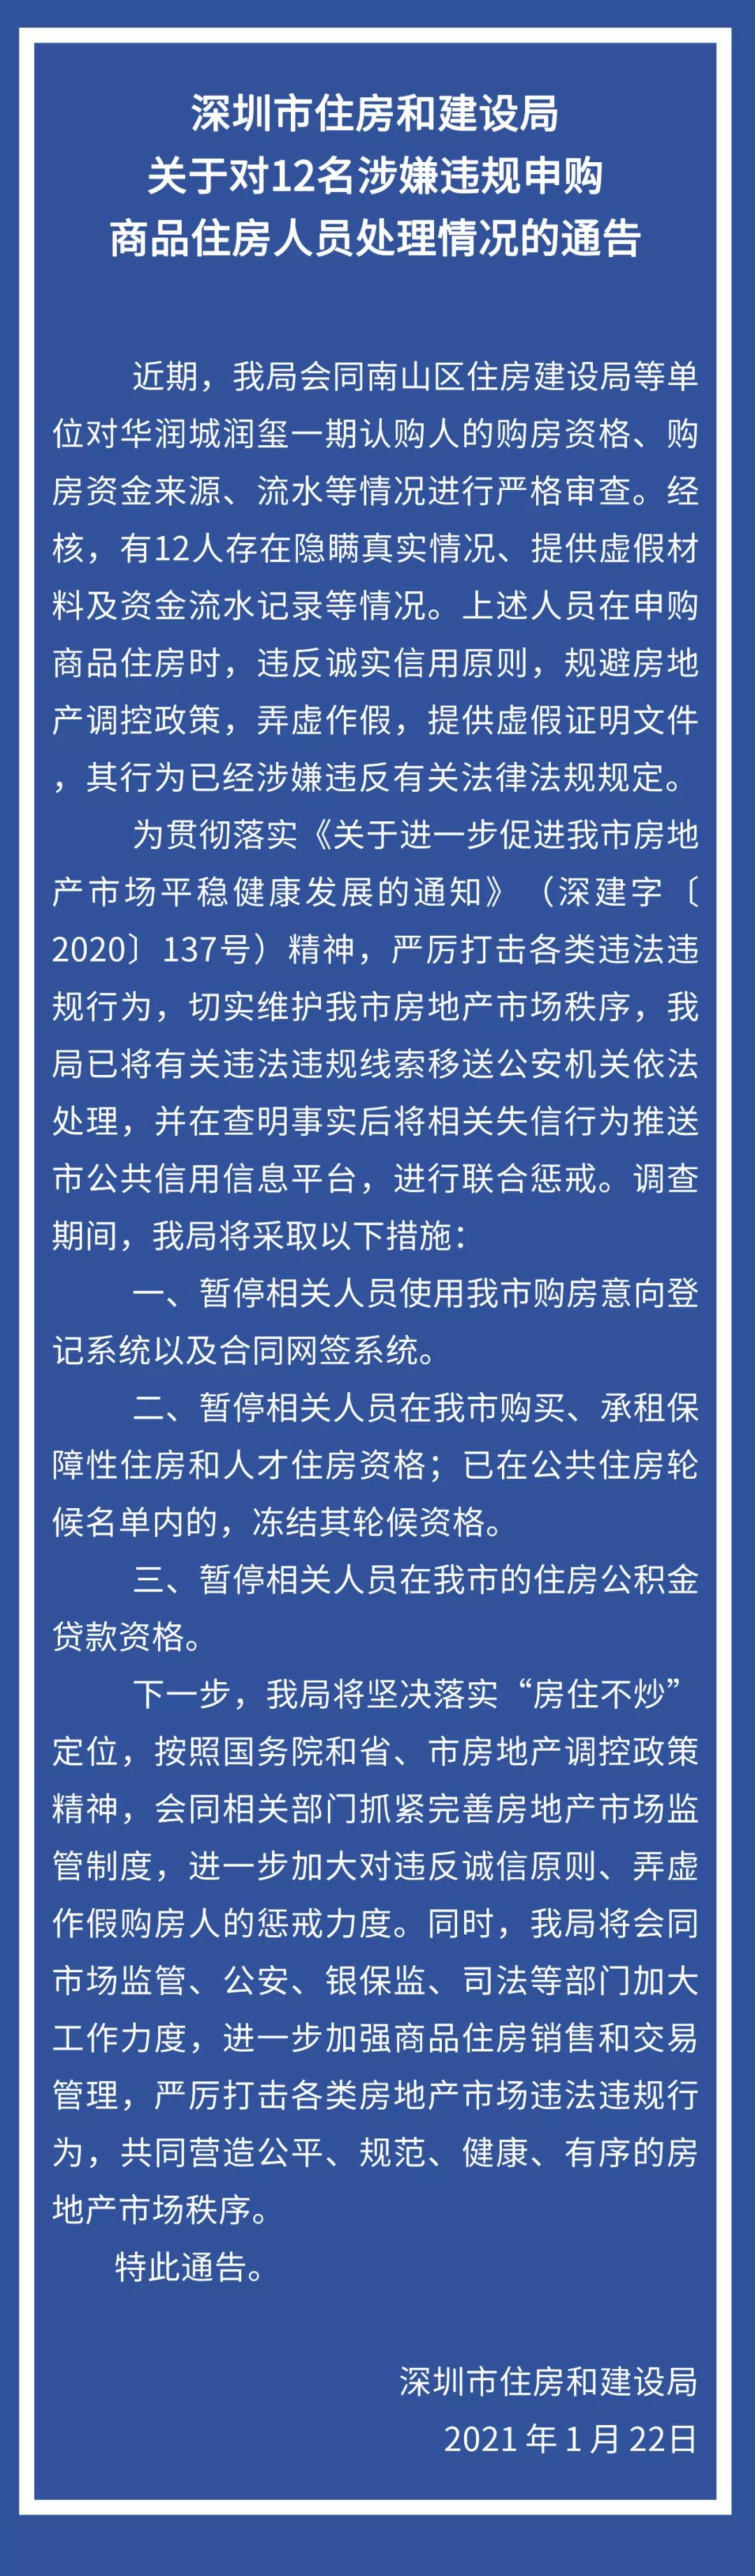 深圳市住房和建设局对12名涉嫌违规申购商品住房人员处理通告